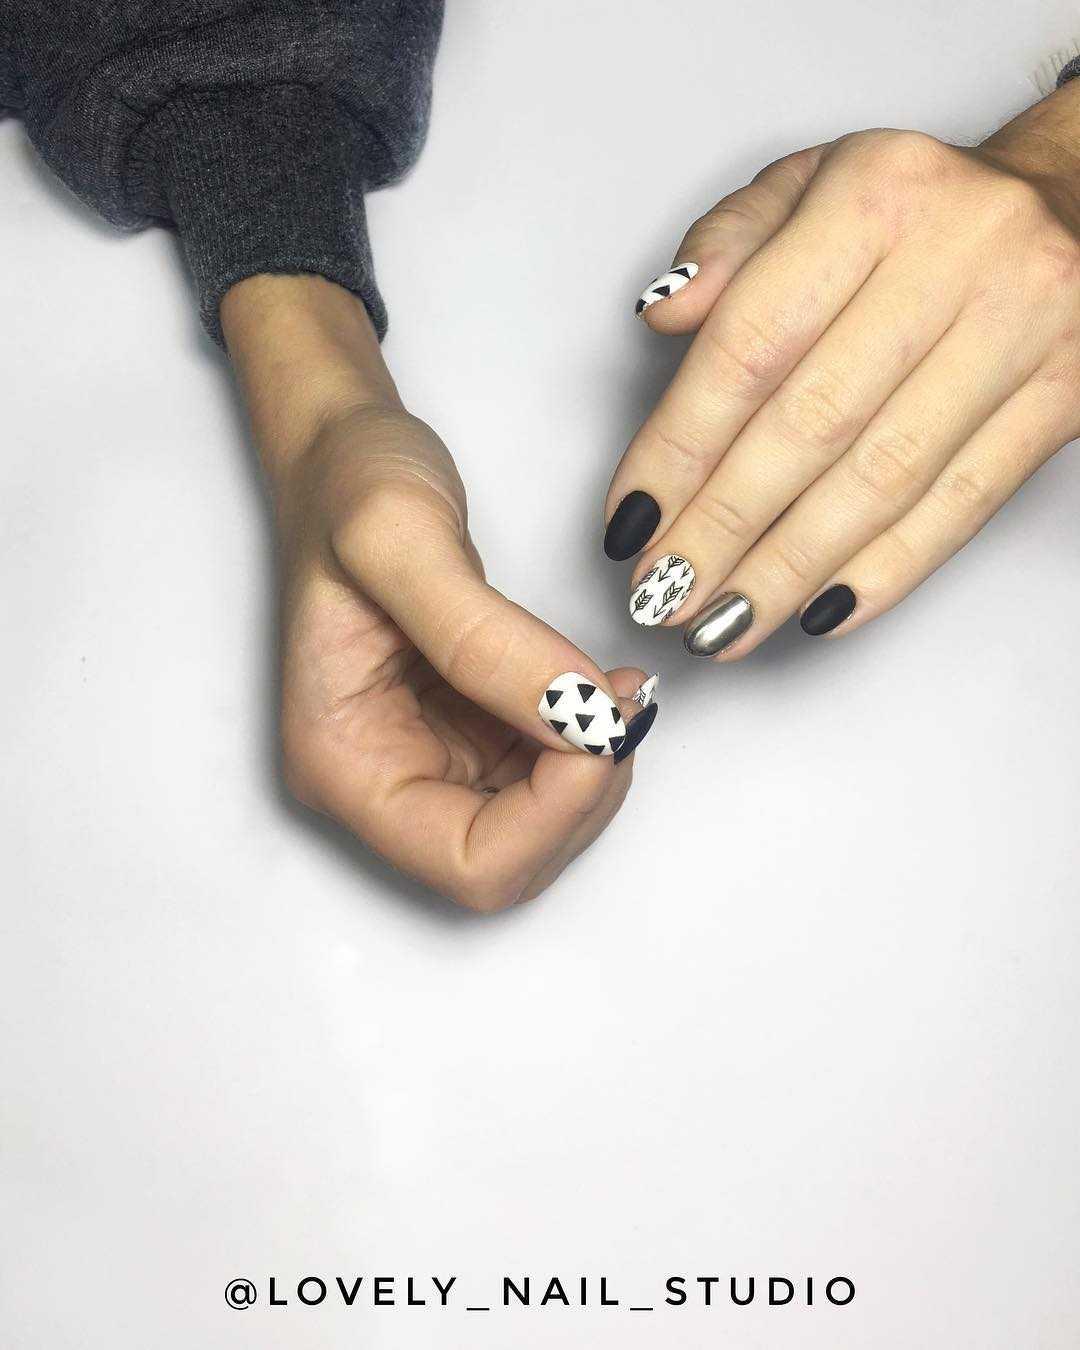 Ногти Квадрат Короткие Дизайн Фото